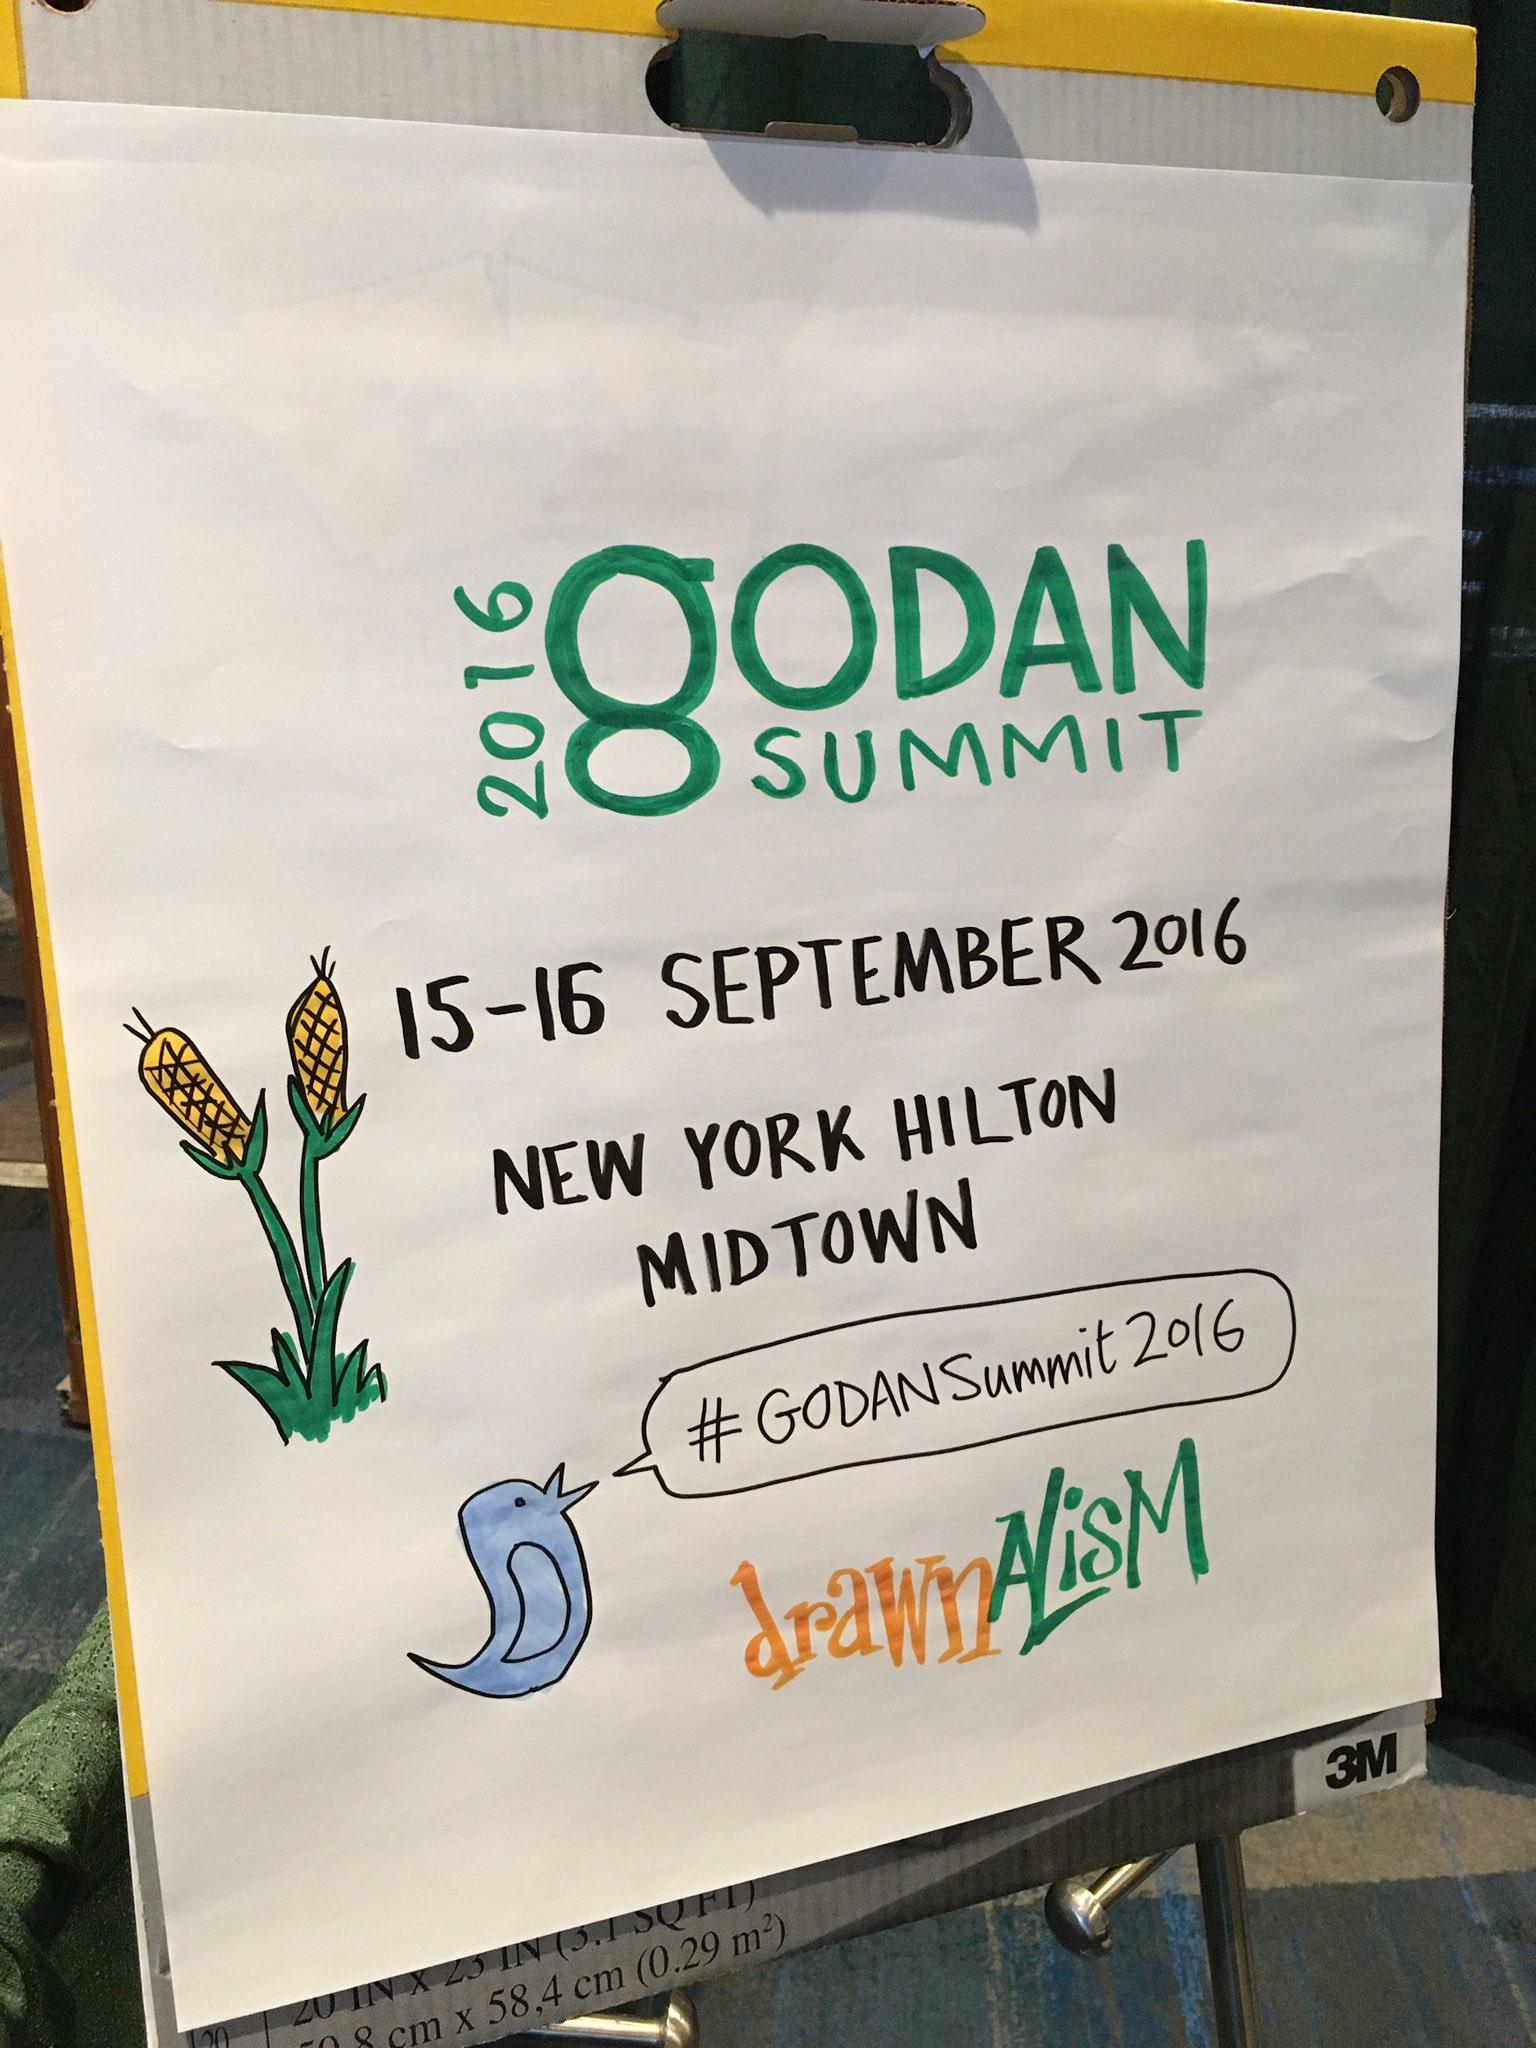 Just a few minutes away from the opening plenary #GODANSummit2016 https://t.co/opKHPSxAeN